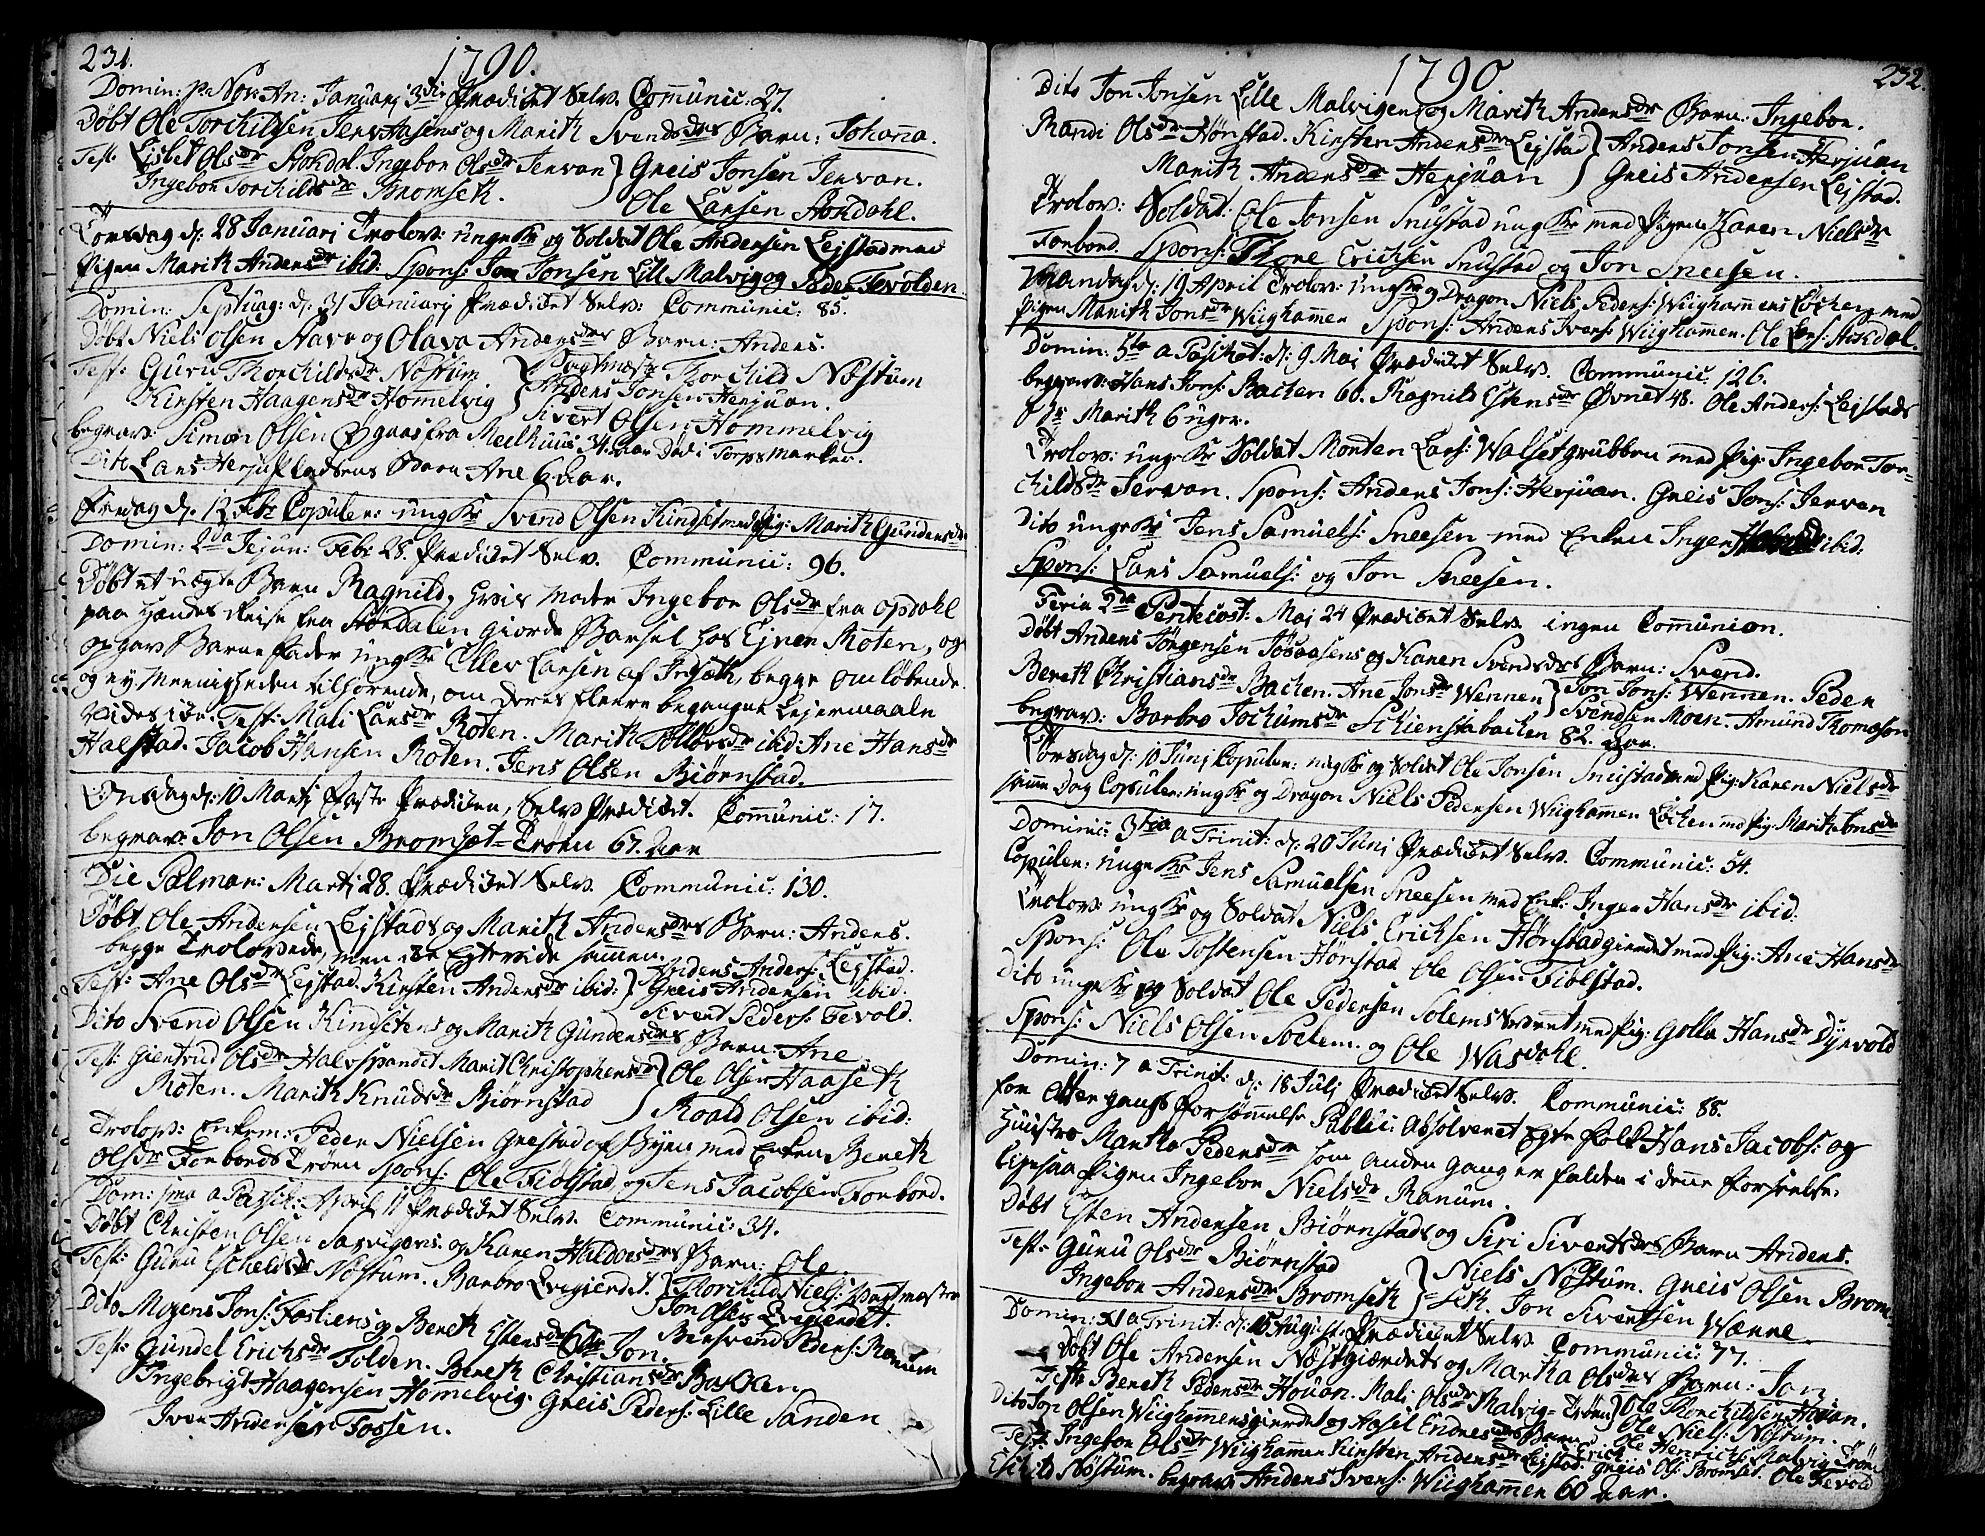 SAT, Ministerialprotokoller, klokkerbøker og fødselsregistre - Sør-Trøndelag, 606/L0281: Ministerialbok nr. 606A02 /2, 1781-1817, s. 231-232